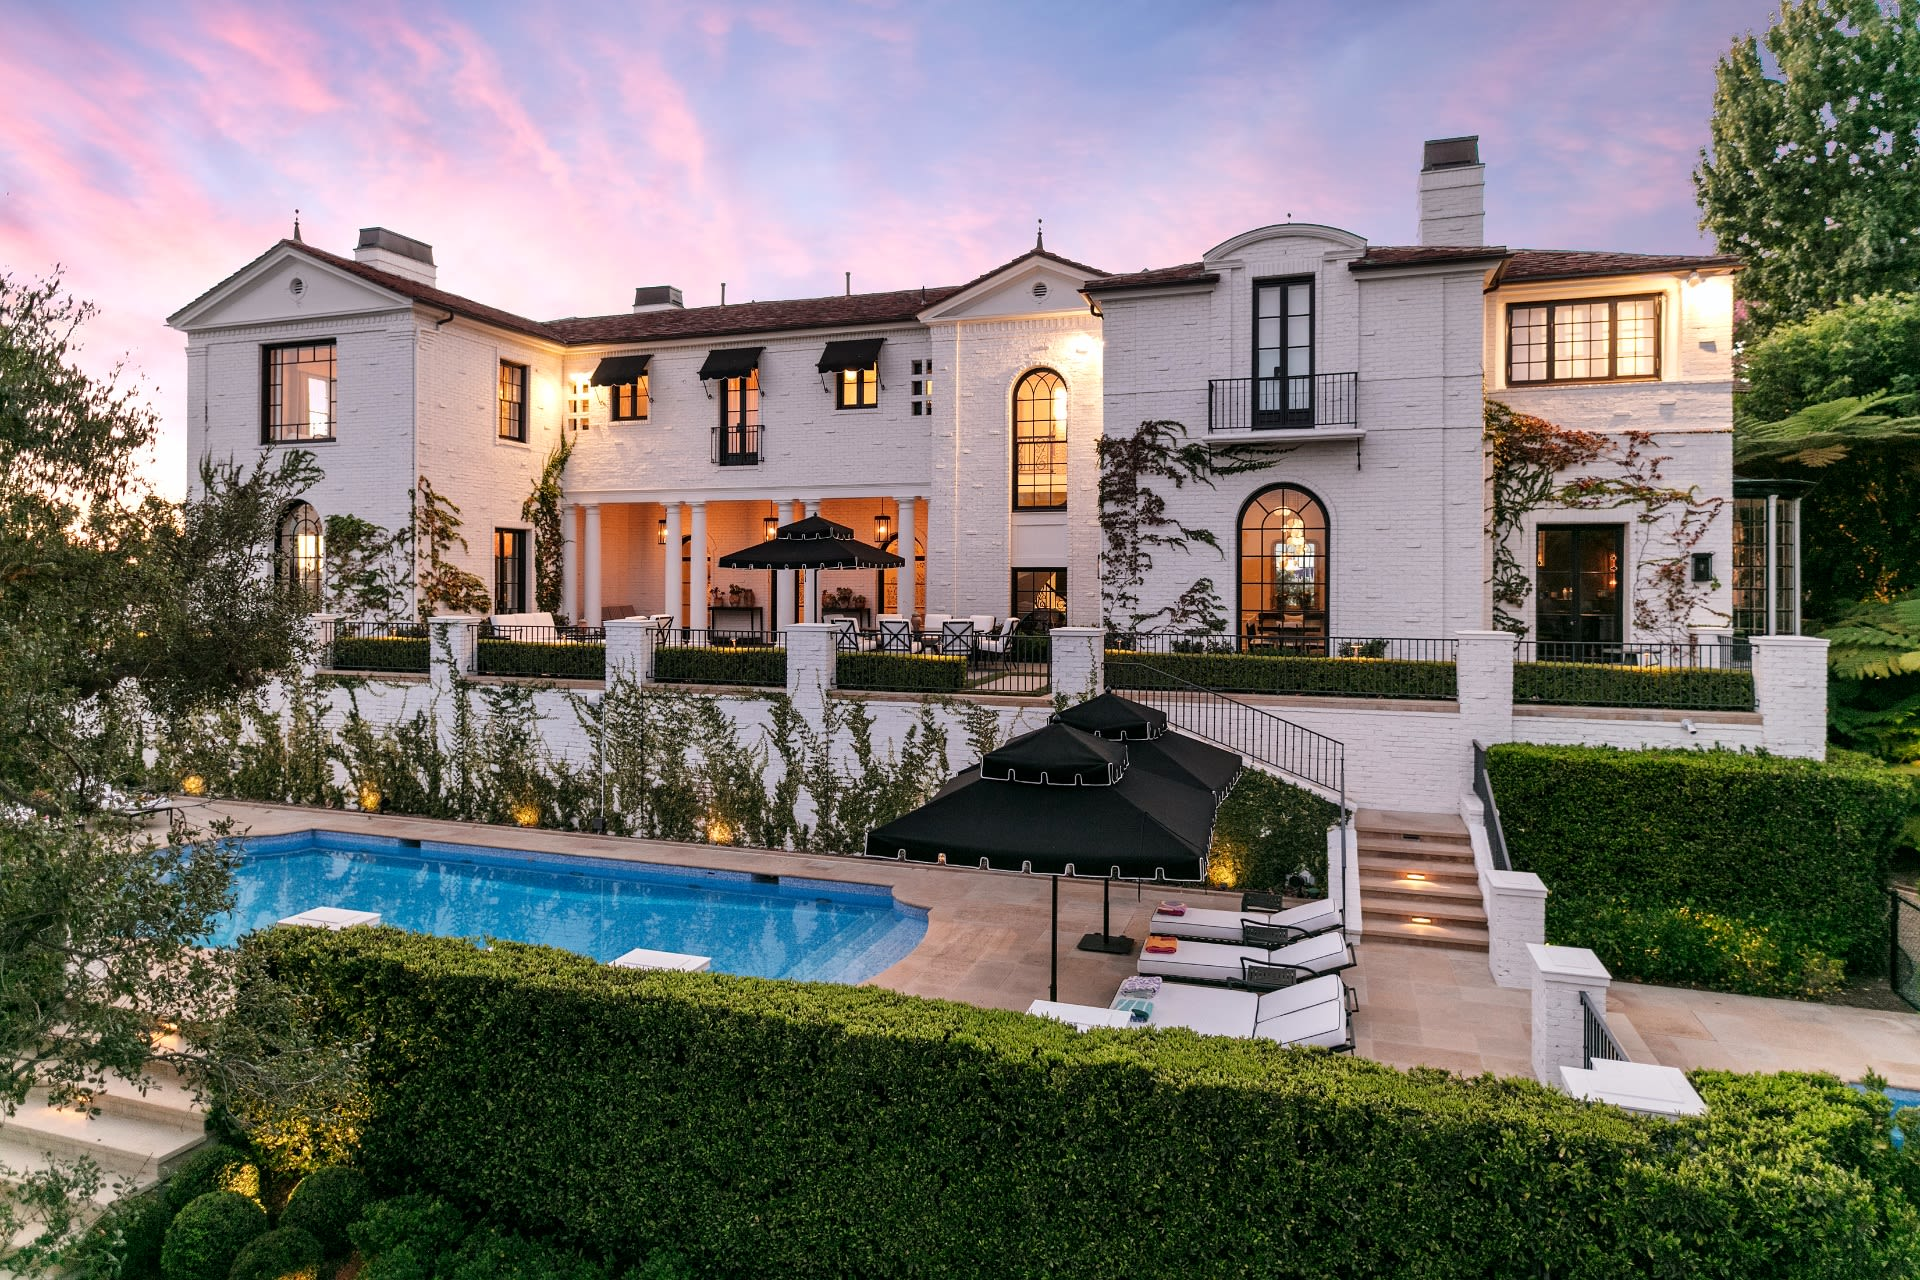 Casa Unifamiliar por un Venta en 10778 Chalon Rd 10778 Chalon Rd Los Angeles, California,90077 Estados Unidos